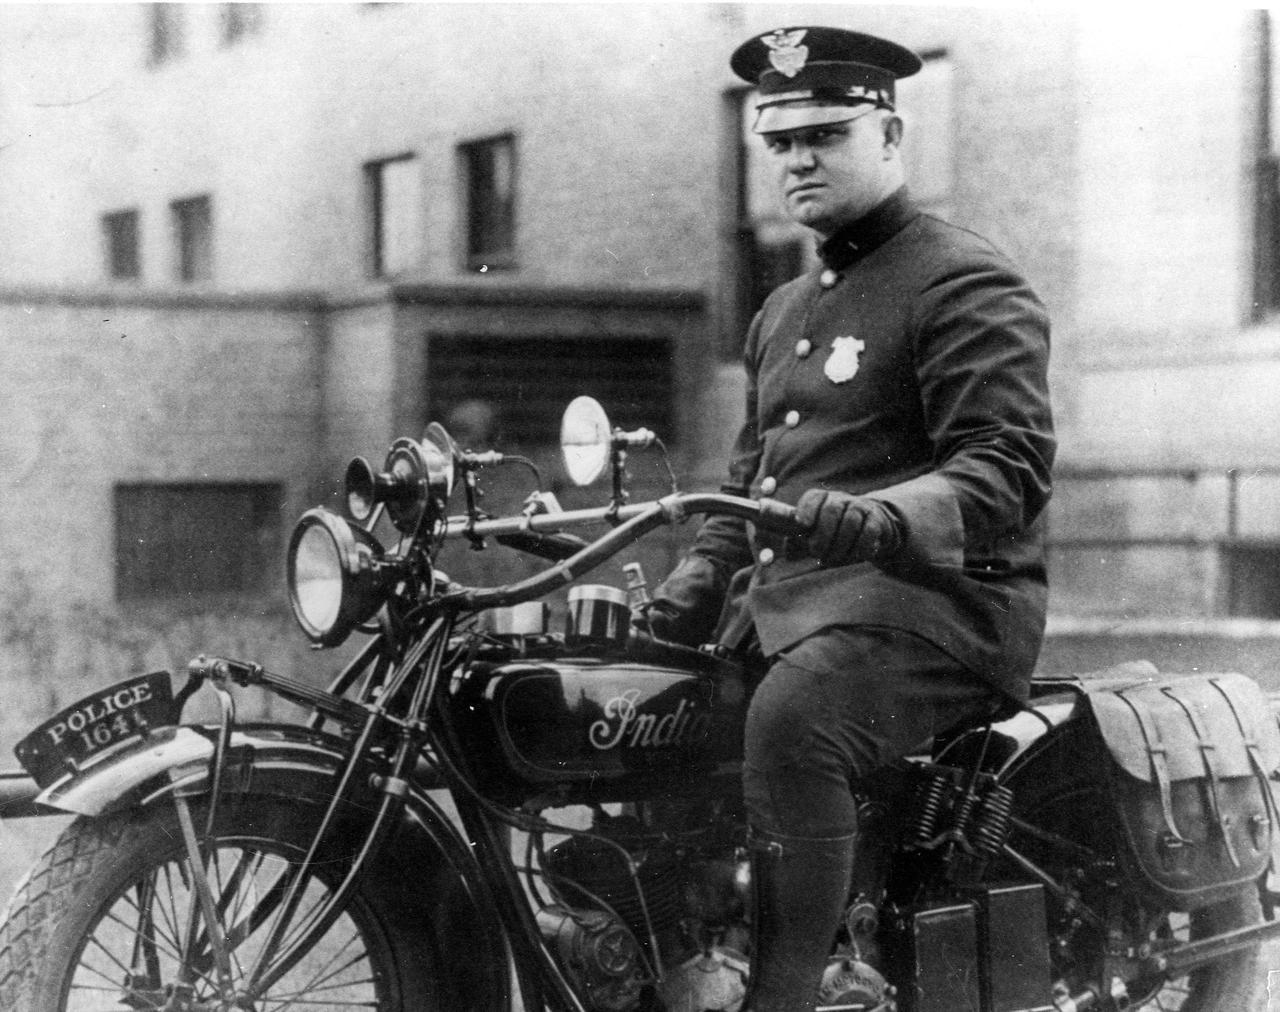 Indian-Motorcycle-1920s.jpg